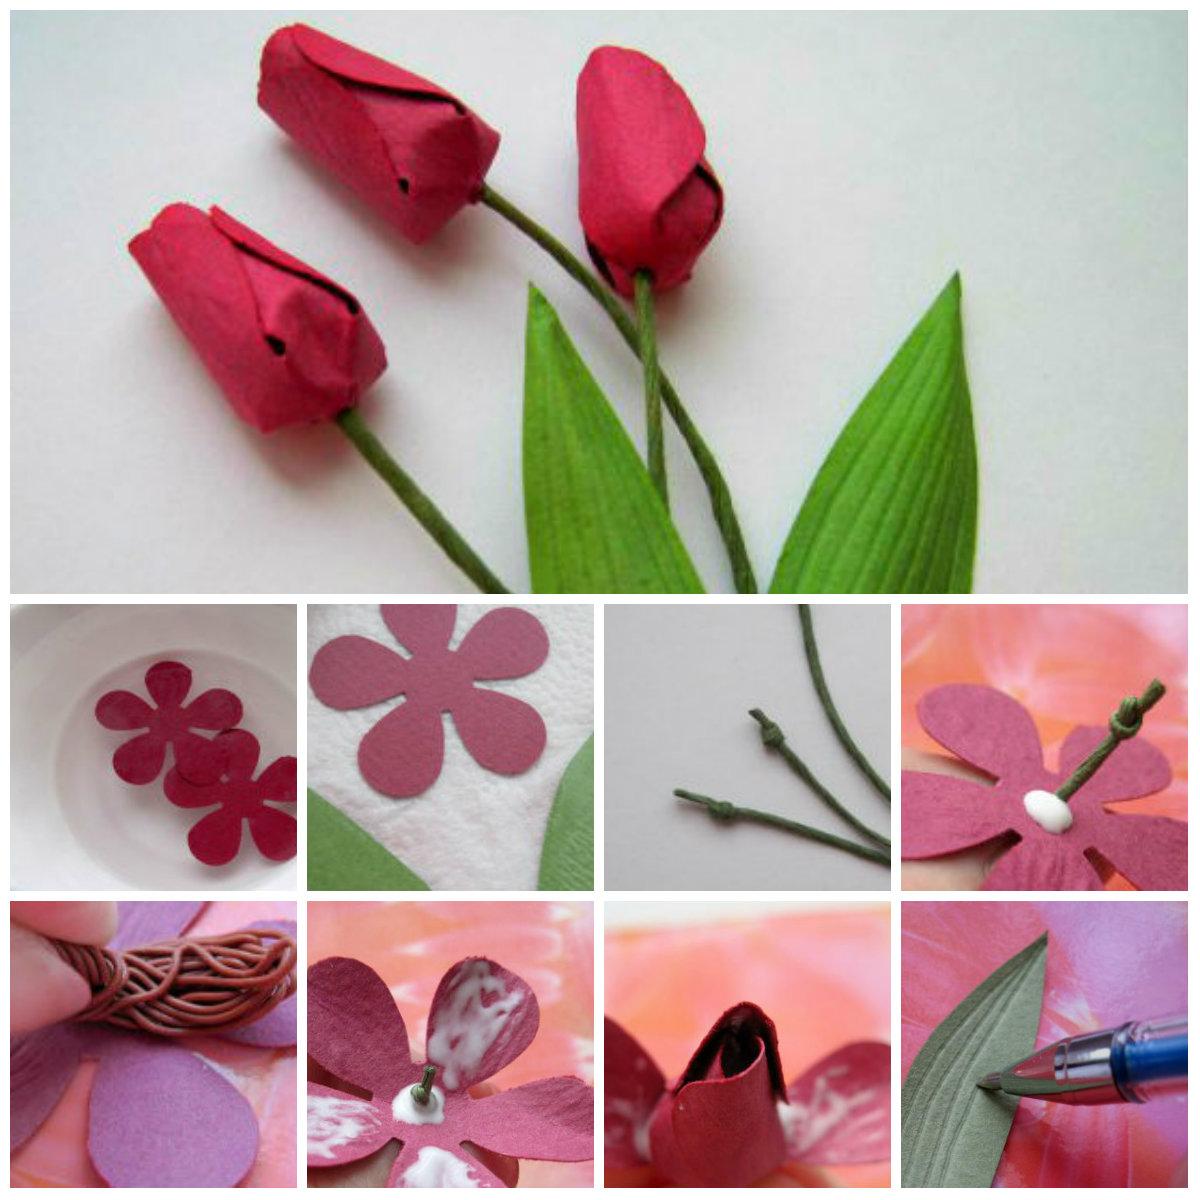 картинки что можно делать с цветами